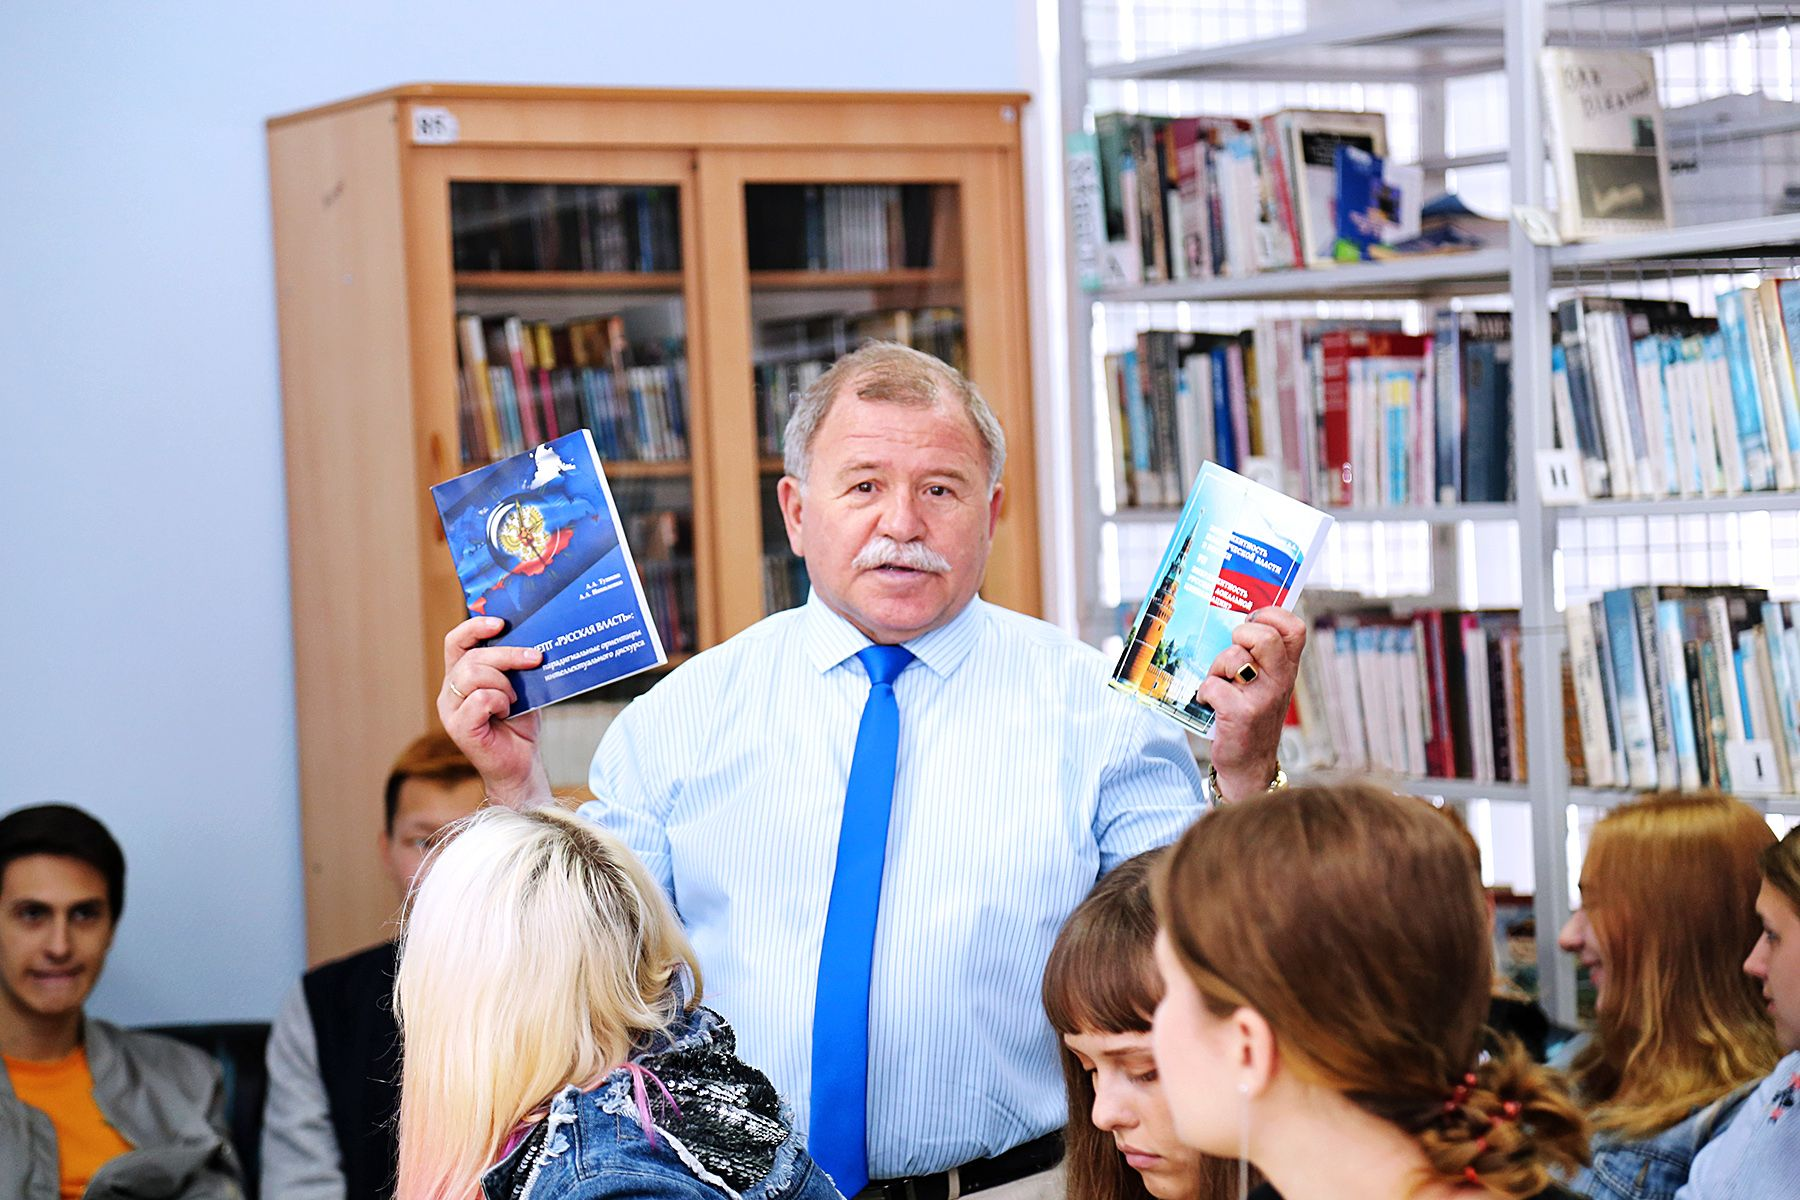 Научный труд преподавателей ВГУЭС позволит предсказать дальнейшее развитие политической системы России